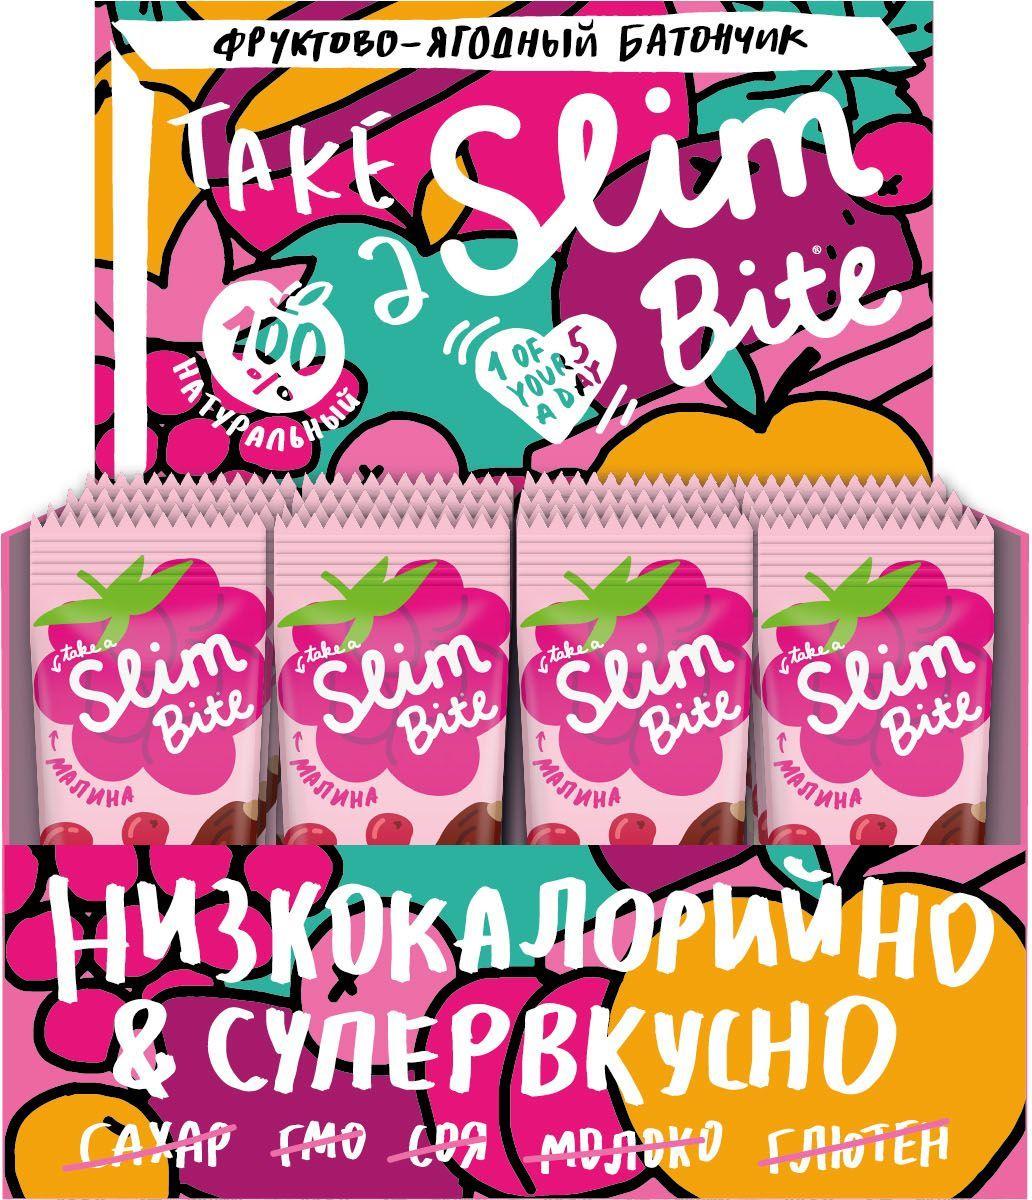 Take A Slim Bite Малина батончик фруктово-ягодный, 30 шт по 30 г0120710Take A Slim Bite со спелой малиной - истинное наслаждение для ценителей ягодных десертов. Клюква и специи придают батончику нежный вкус и утонченный аромат.